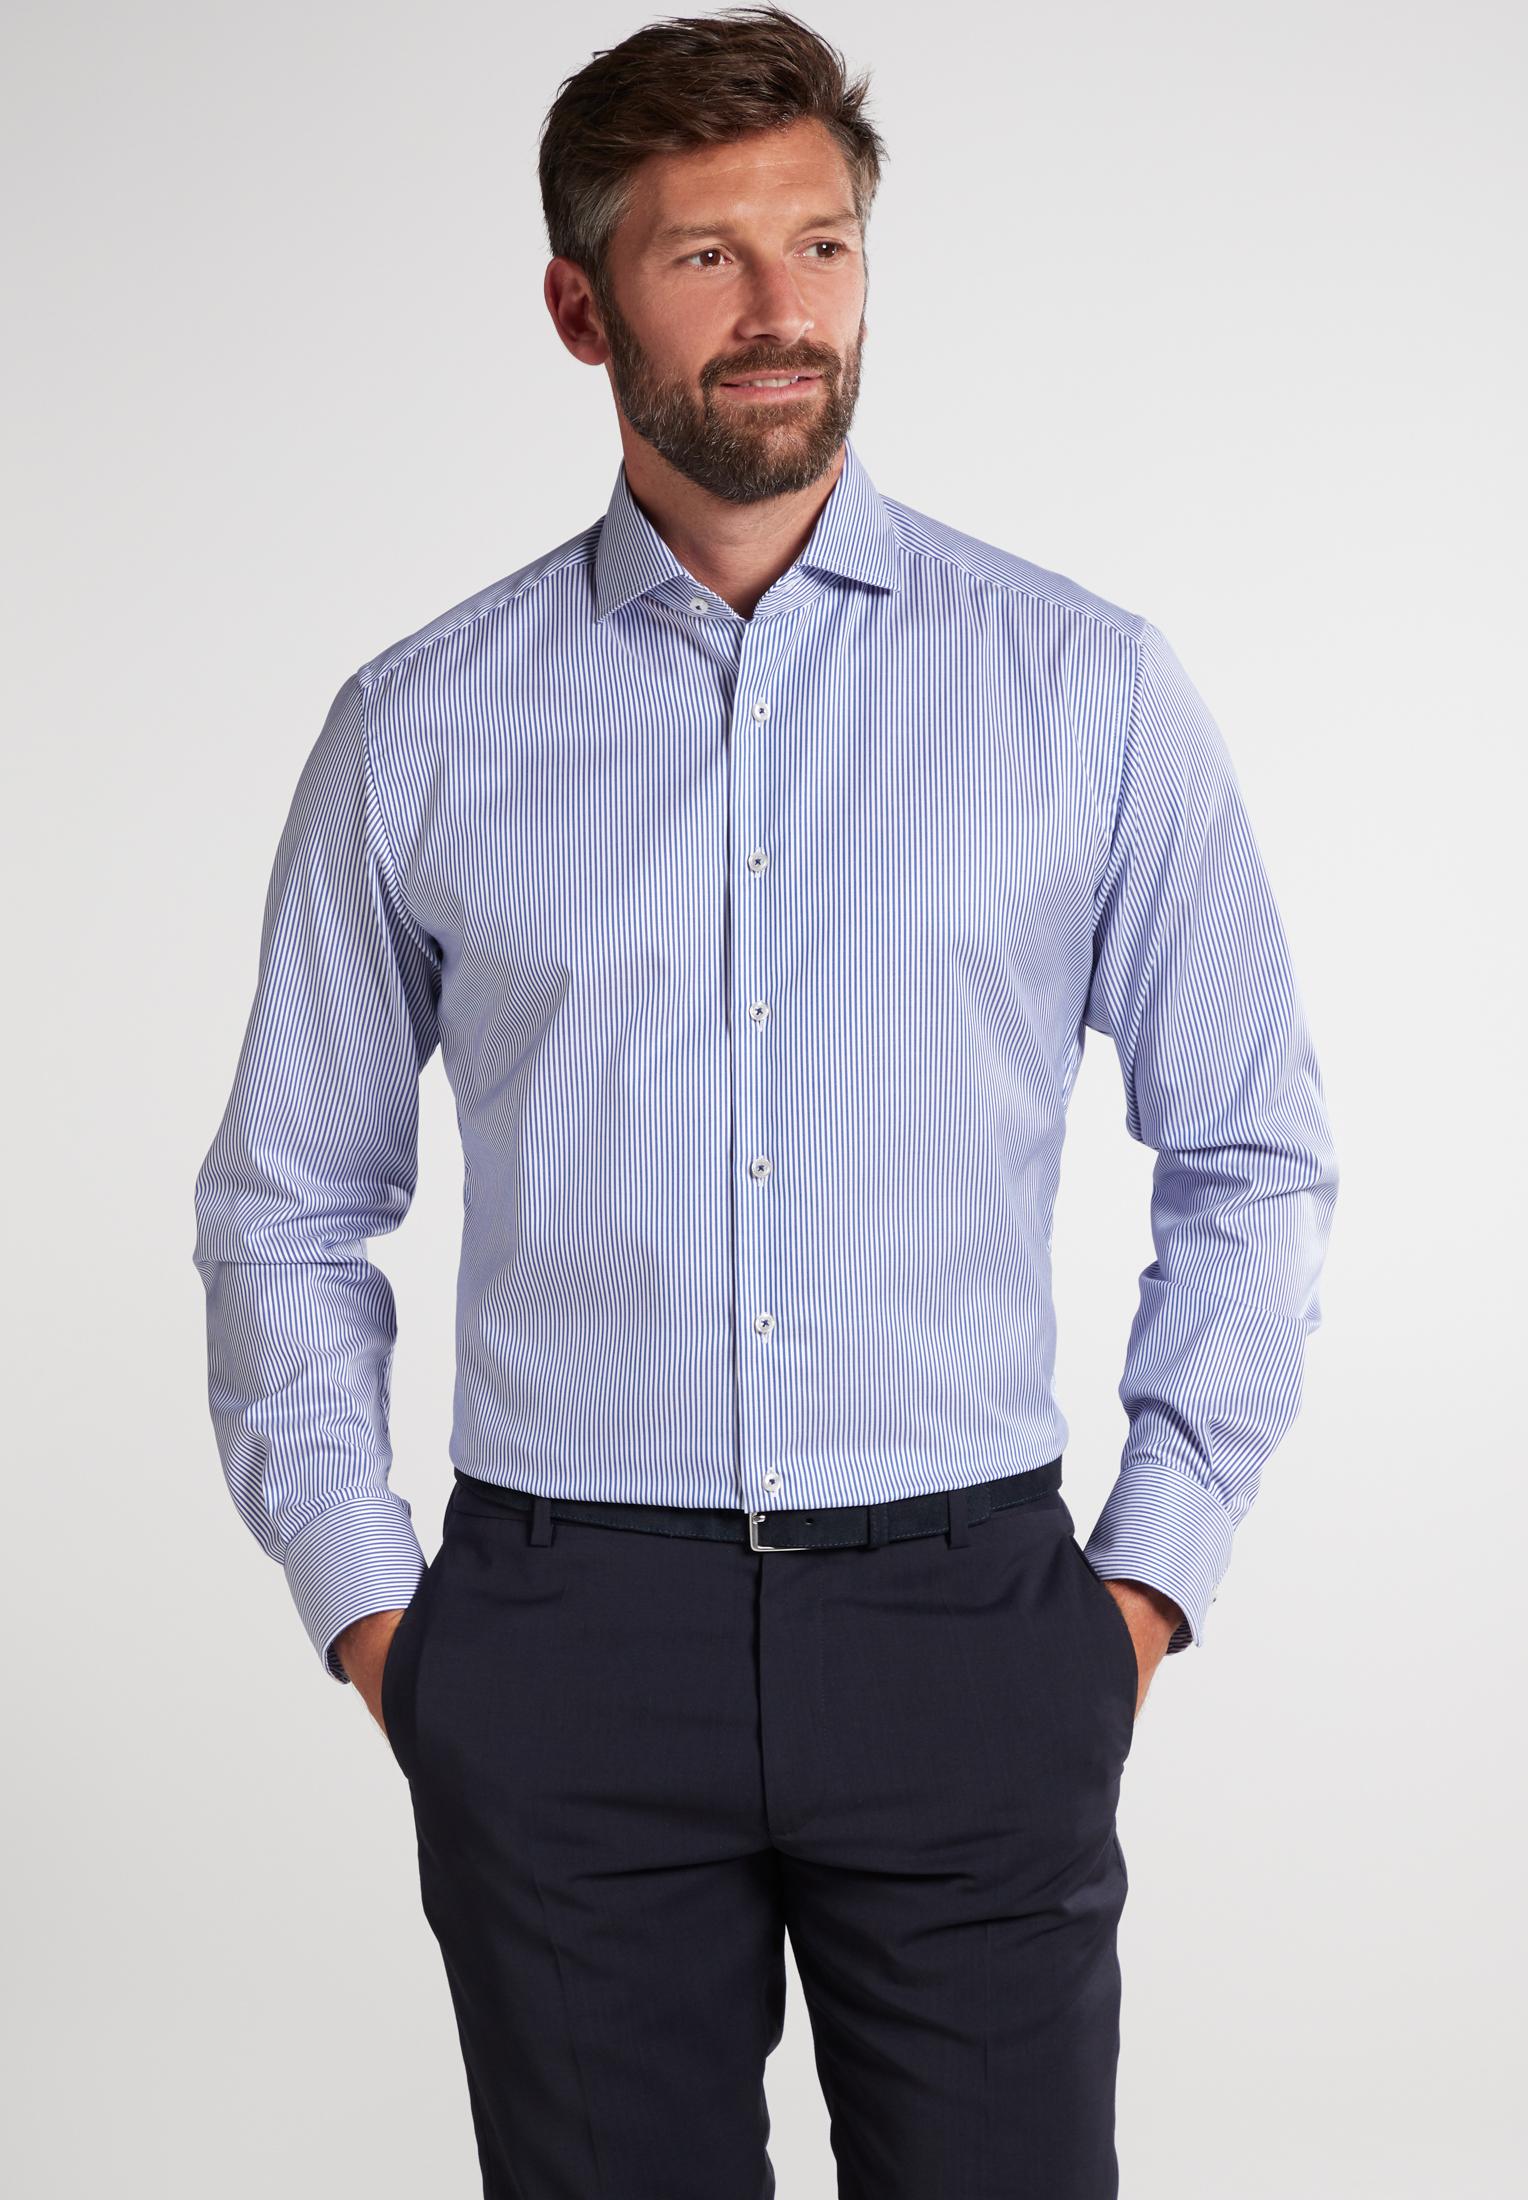 ETERNA Langarm Hemd - blaue Streifen Twill Modern Fit